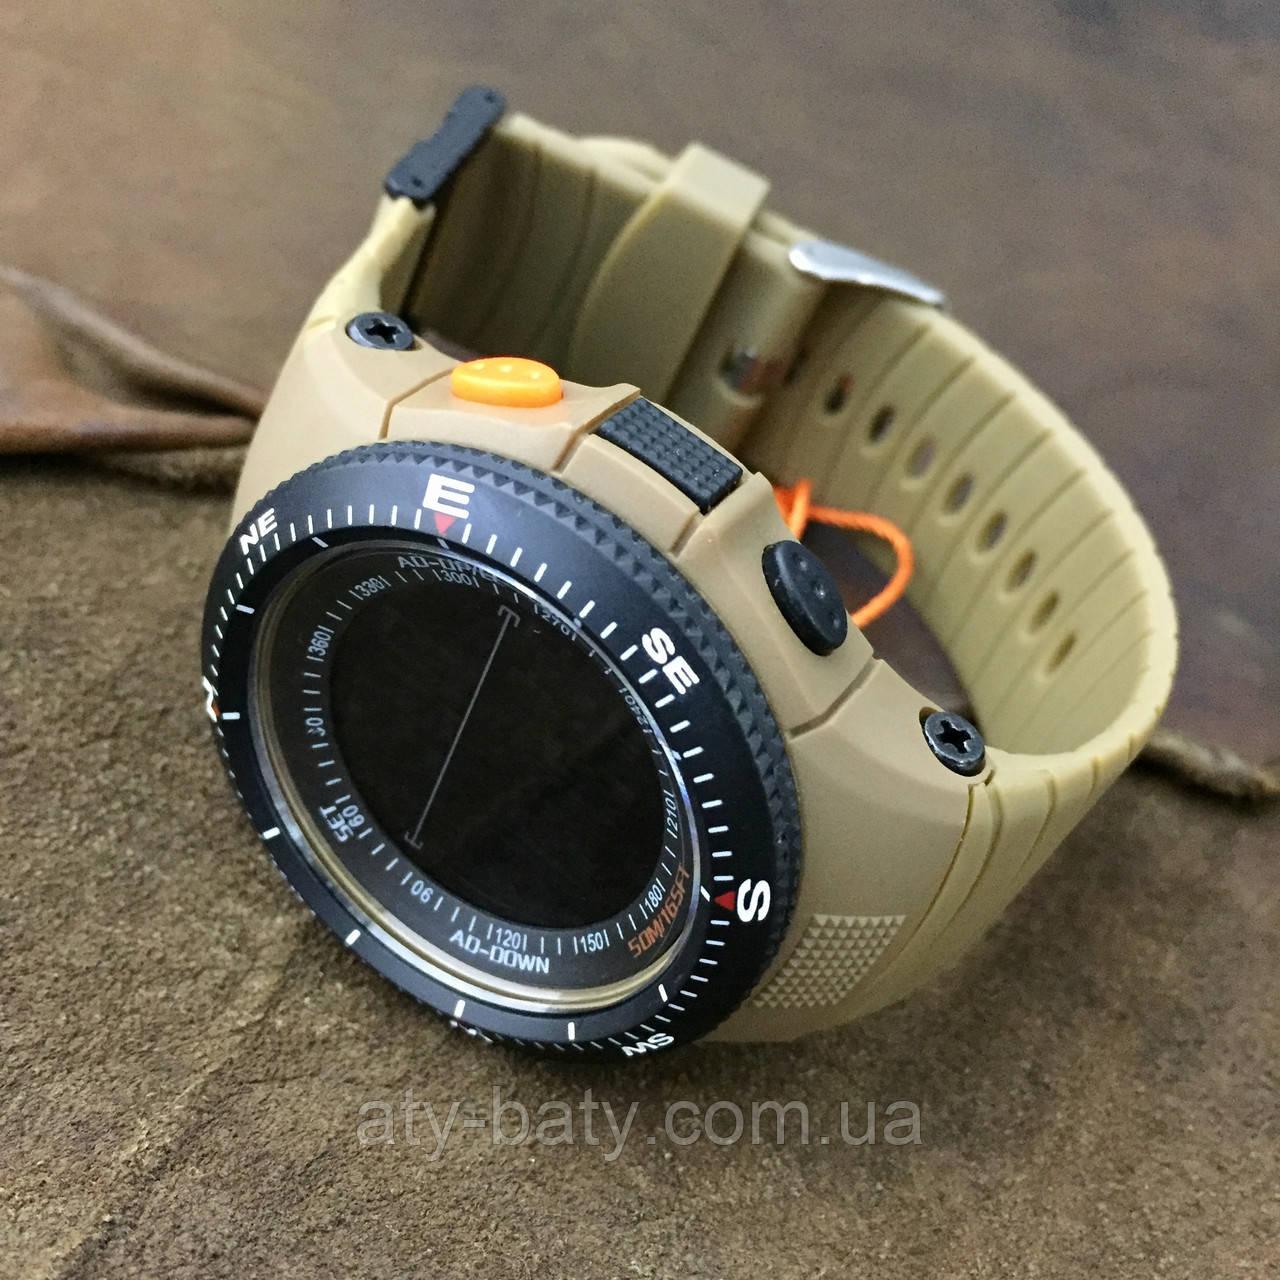 Тактические часы SKMEI 0989 (койот) - Интернет-магазин